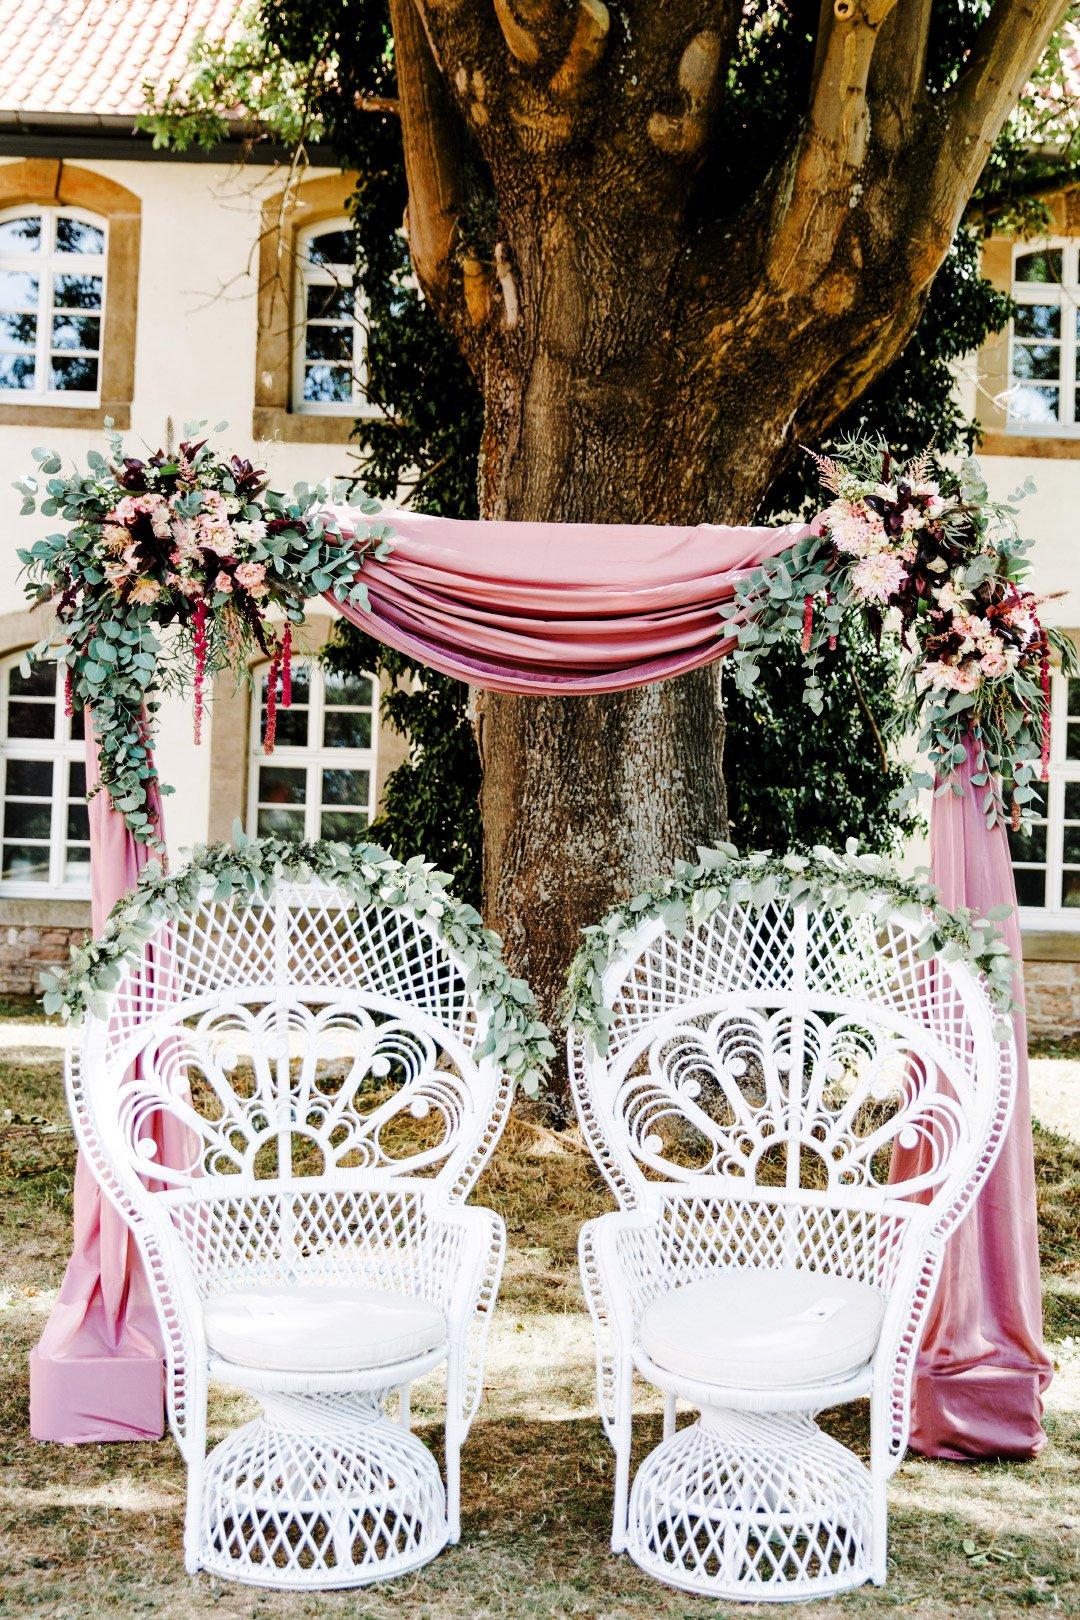 Stühle für das Brautpaar am Traubogen